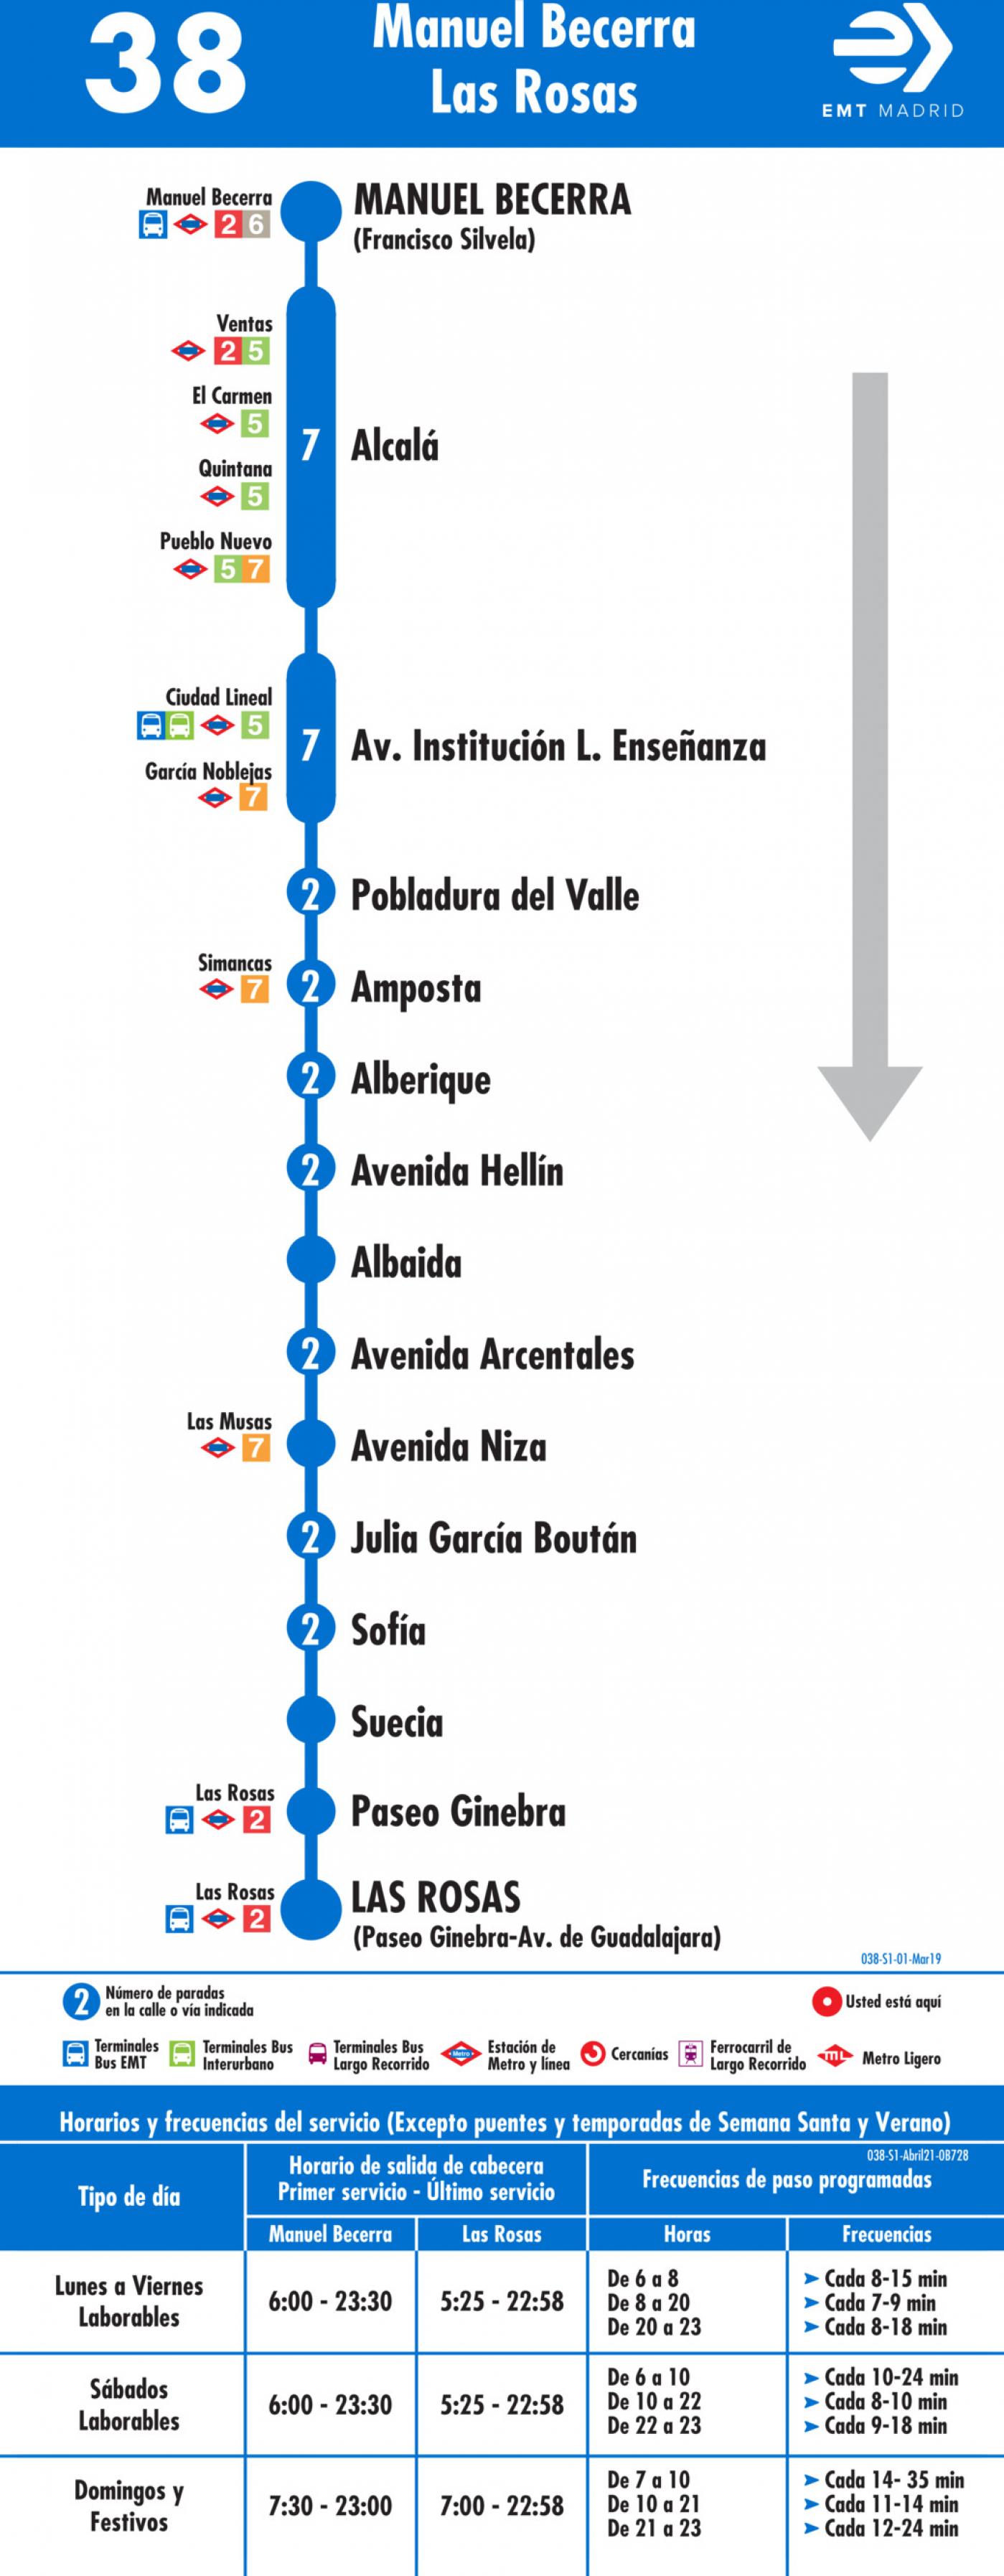 Tabla de horarios y frecuencias de paso en sentido ida Línea 38: Plaza de Manuel Becerra - Las Rosas